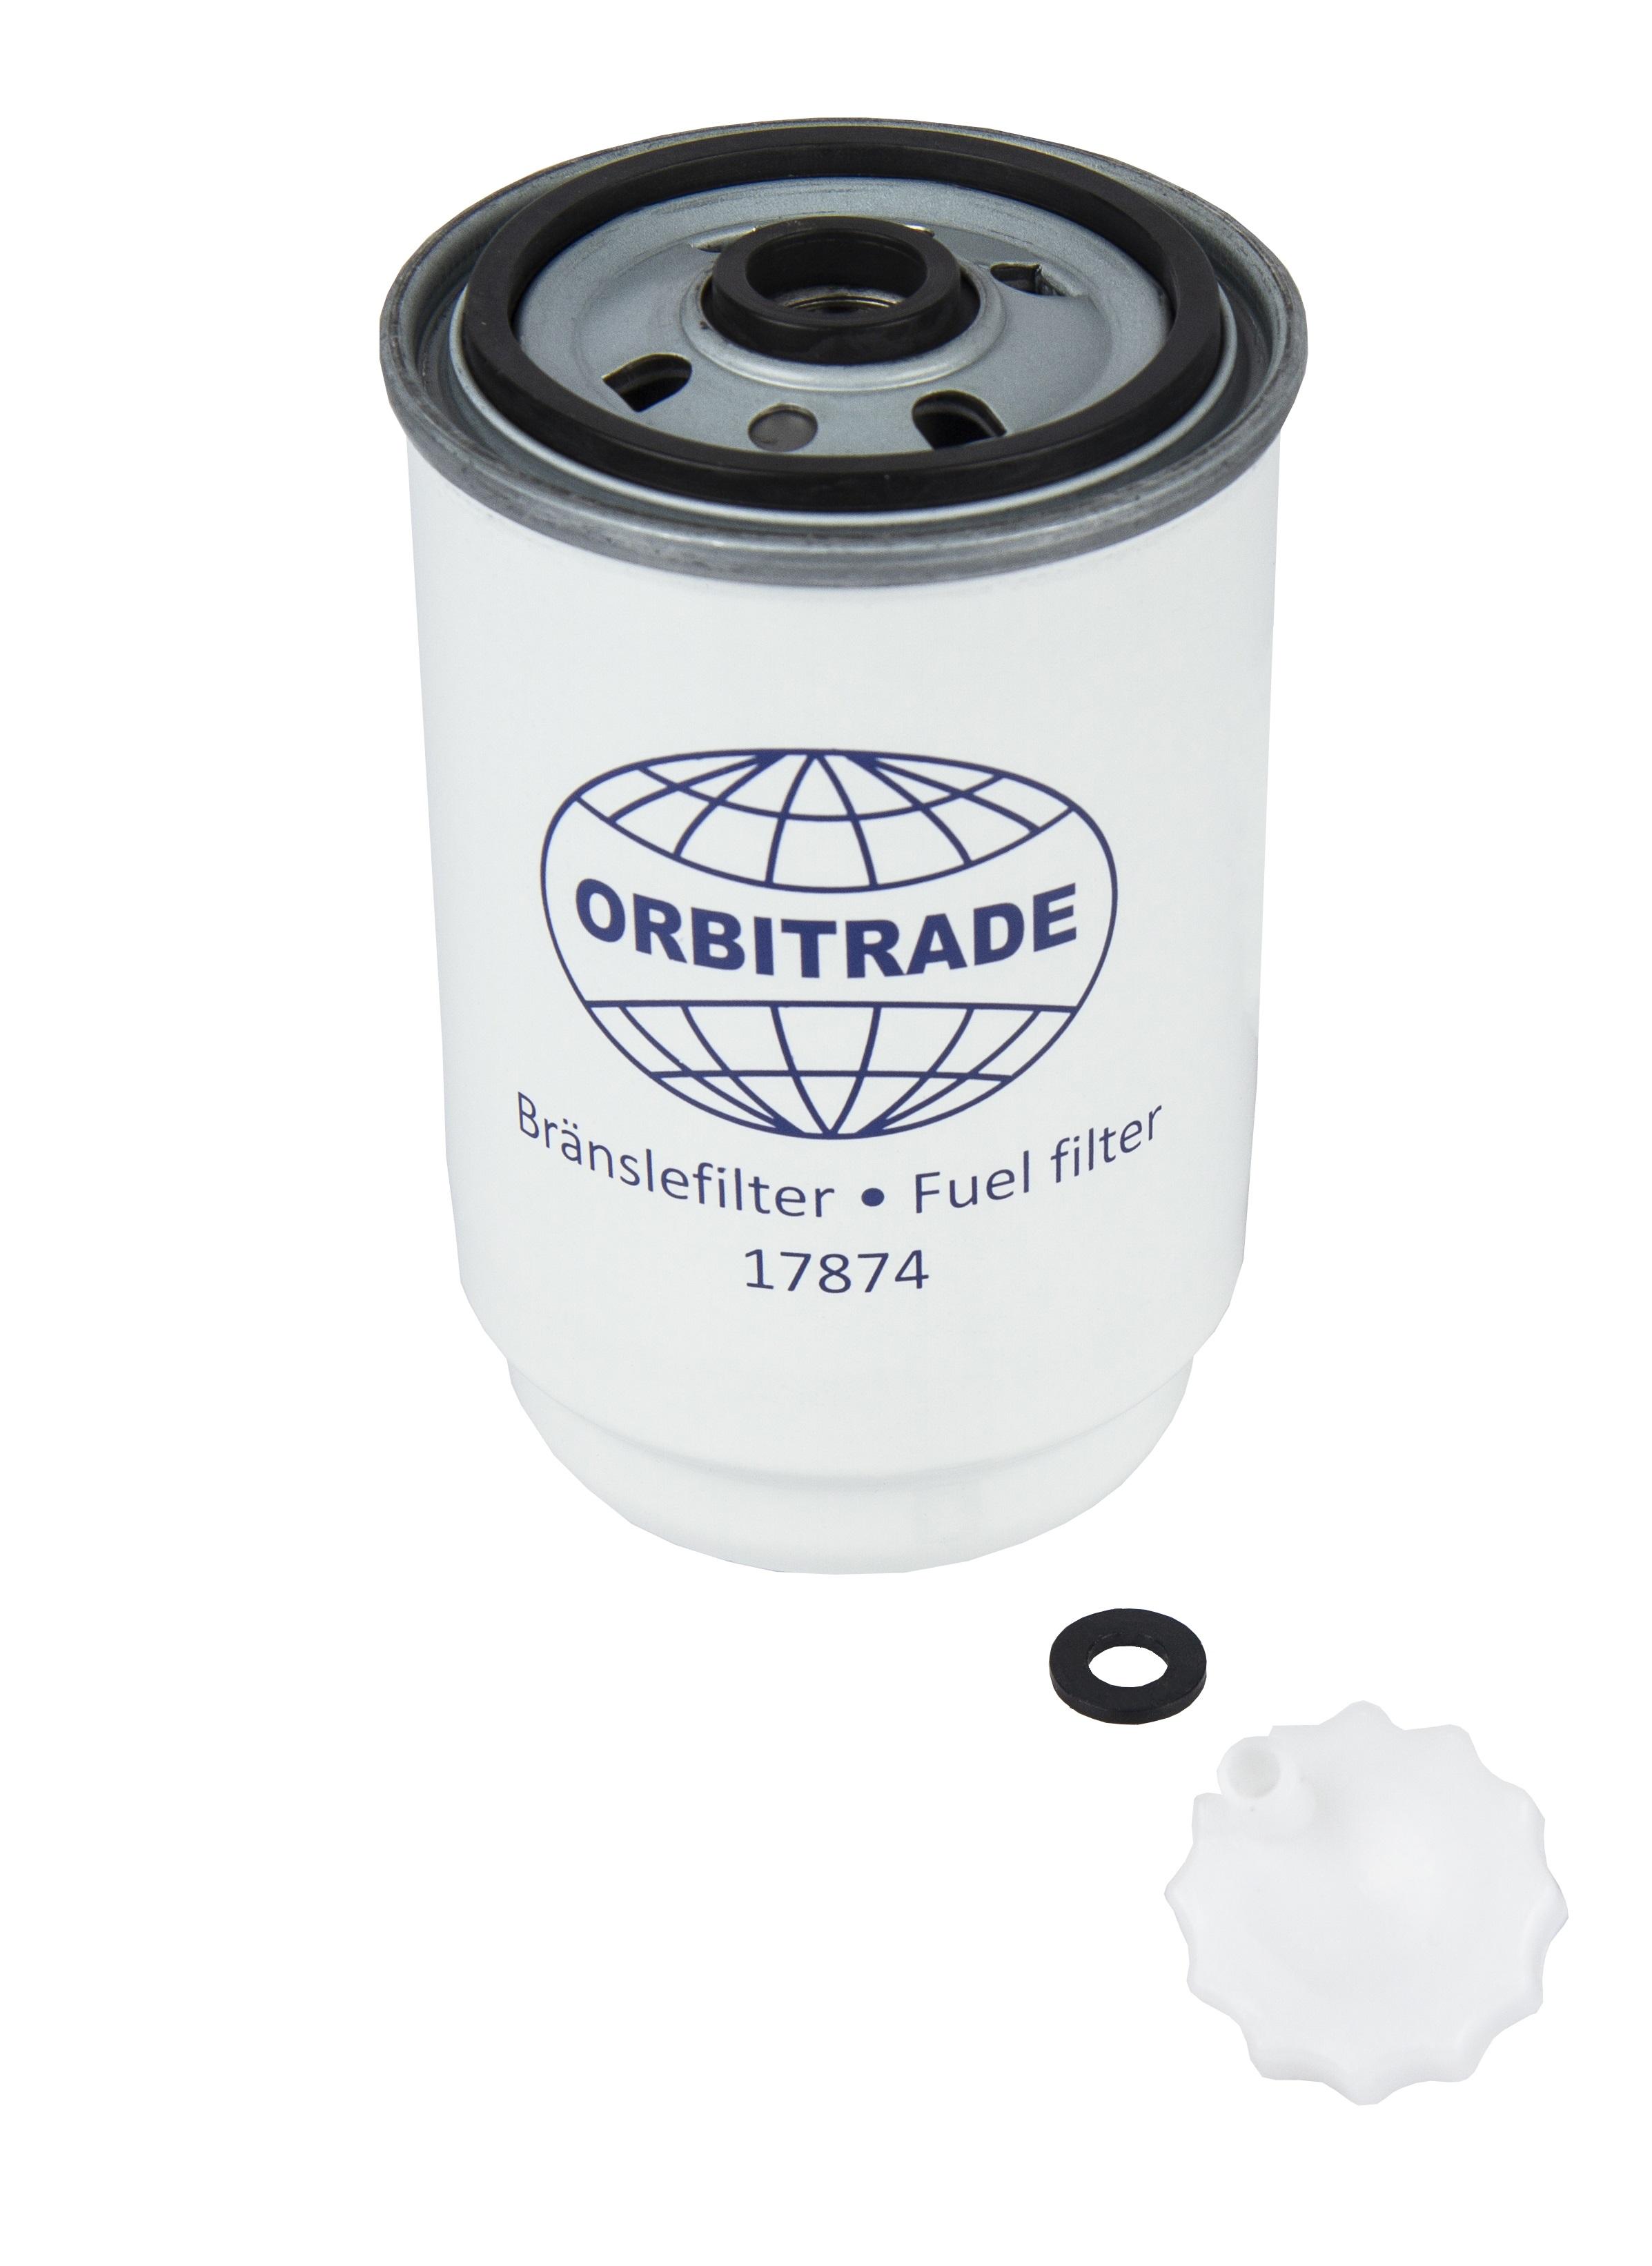 Bränslefilter till MD6, MD7 (alt), MD22, 40, 41, 42, 44, KAD300 (17874)